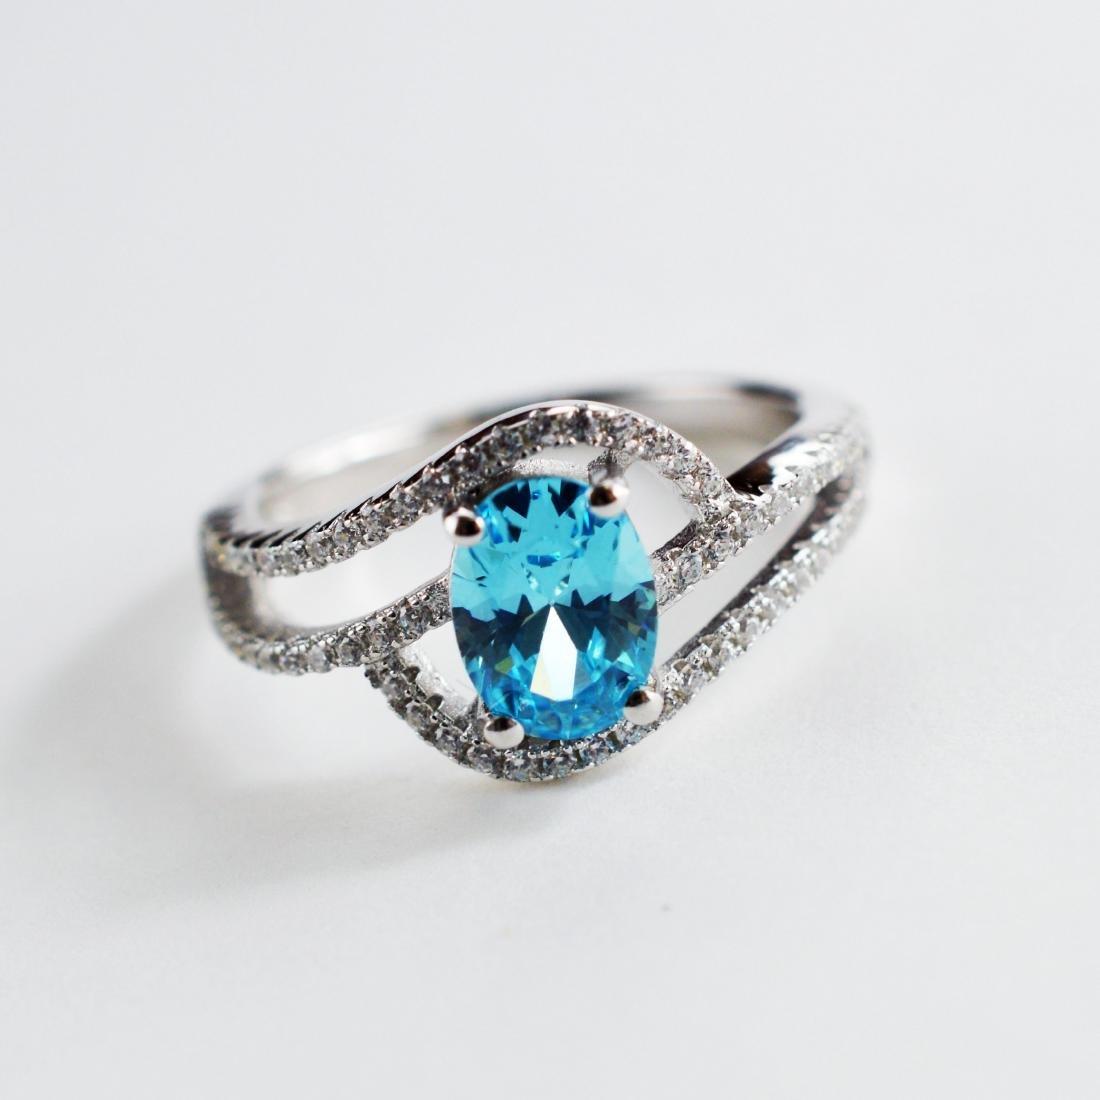 Aquamarine color stone ring